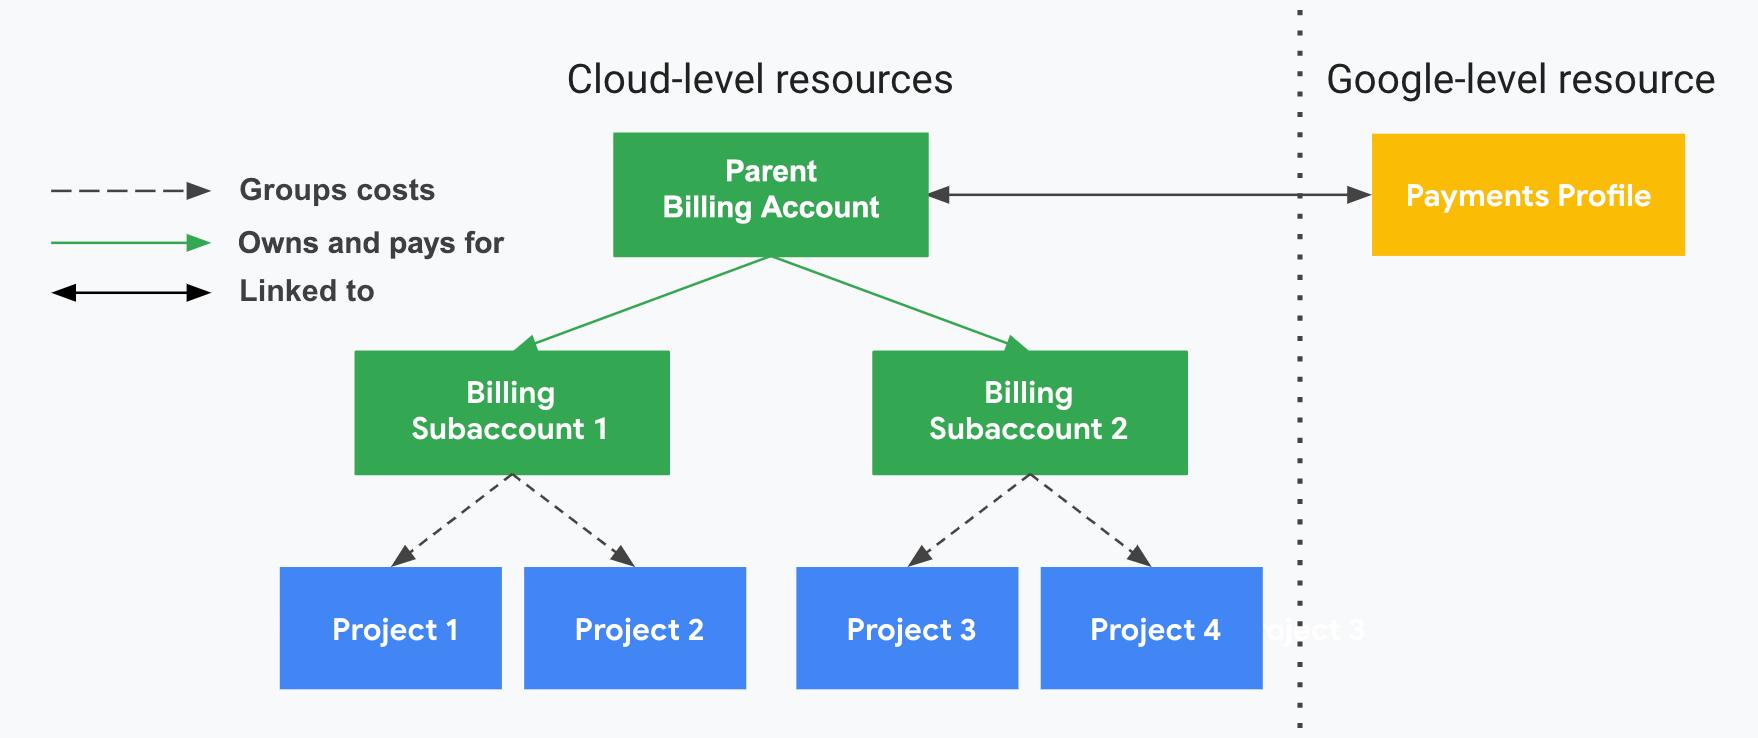 Ilustração que descreve como os projetos se relacionam a contas e subcontas de faturamento do Cloud e a seu perfil para pagamentos. Em um lado estão os recursos no nível do Cloud (conta e subcontas de faturamento do Cloud e projetos associados). No outro lado, dividido por uma linha vertical pontilhada, está seu recurso no nível do Google (um perfil para pagamentos). Os custos de uso do projeto são agrupados e subtotalizados pelas          subcontas do Cloud Billing associadas. As subcontas são pagas          pela conta principal do Cloud Billing do revendedor, que está          vinculada ao seu perfil para pagamentos.